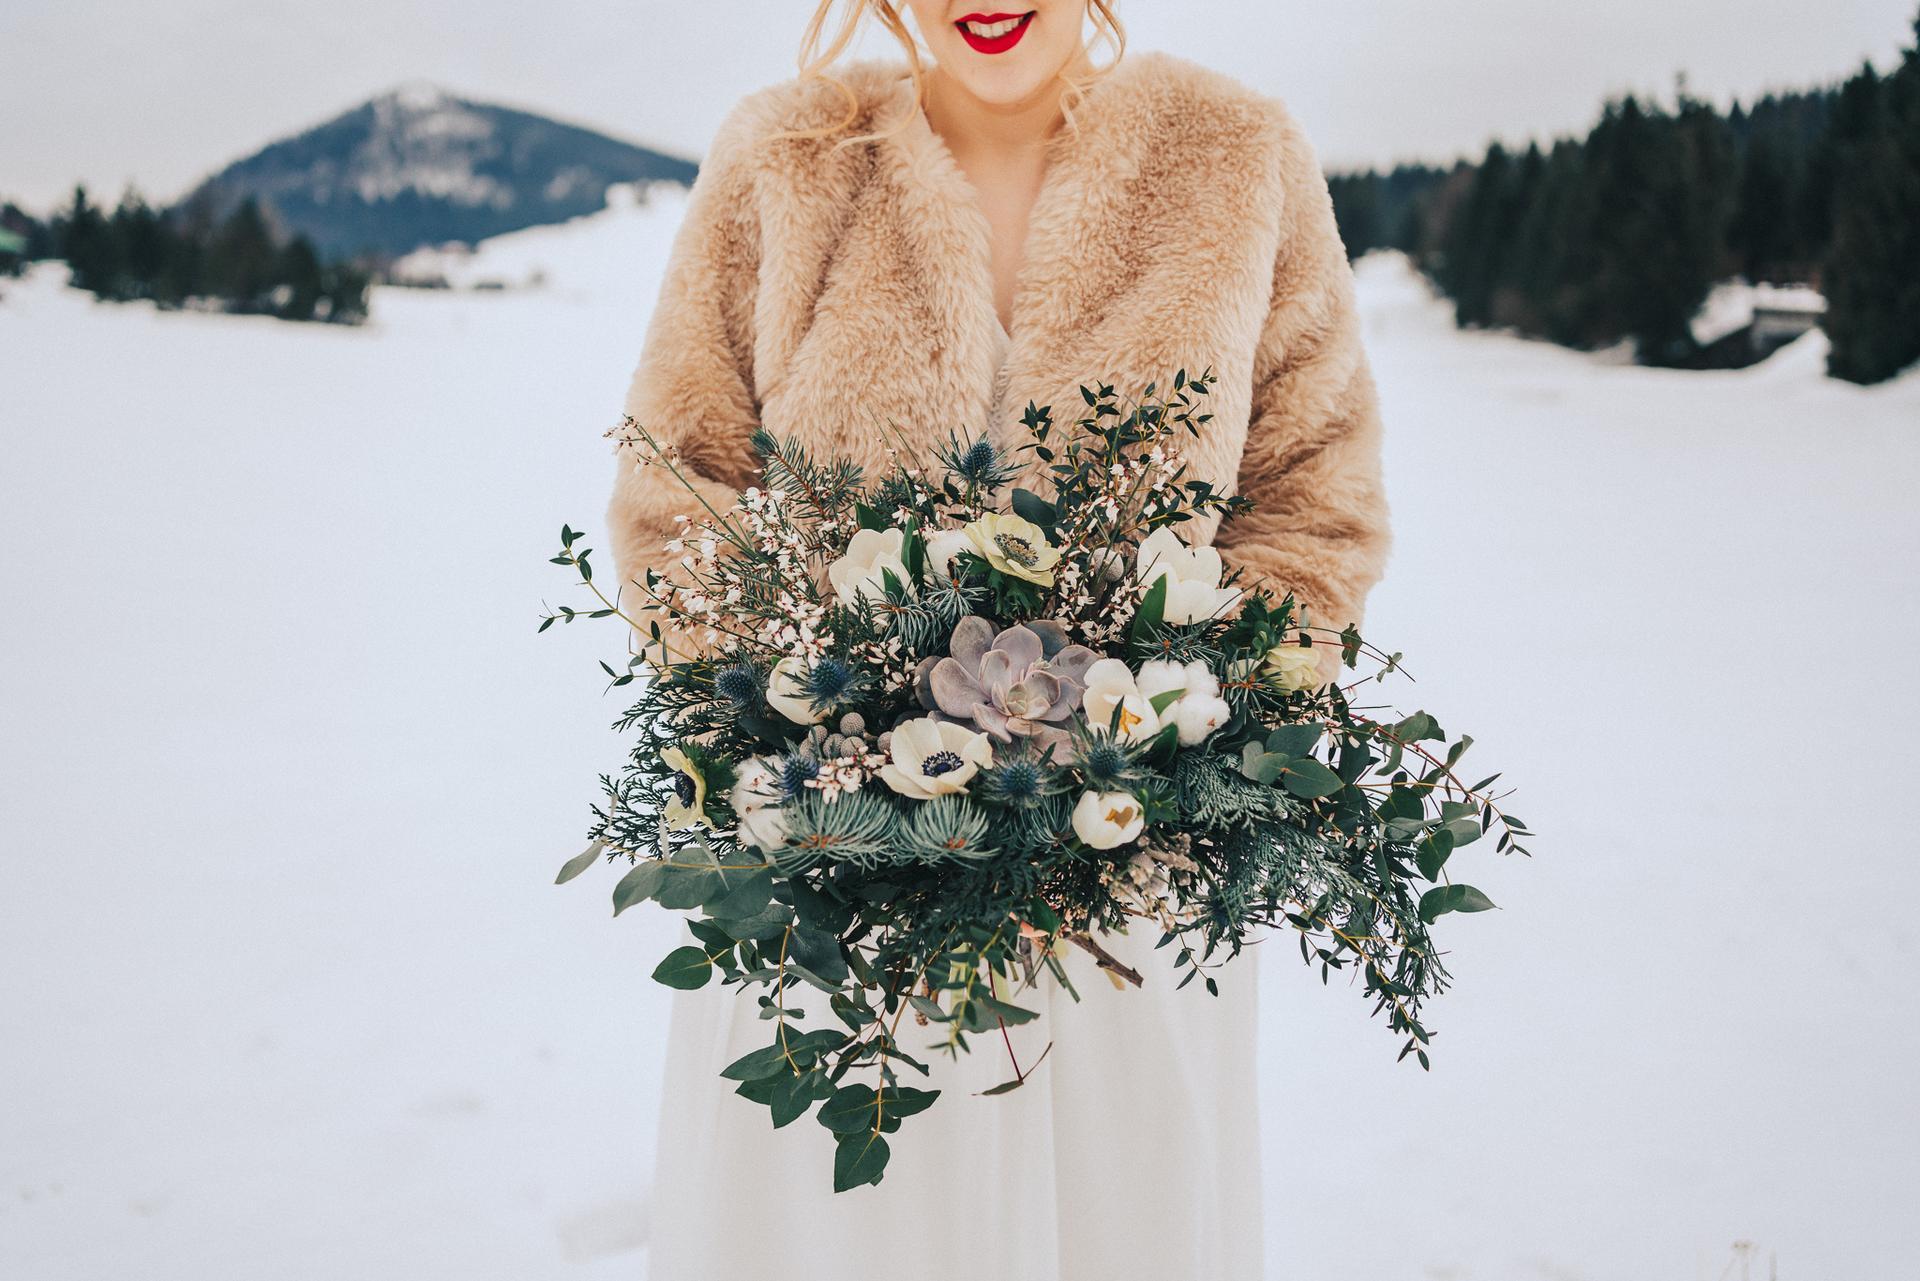 Romantická zimní svatba - Obrázek č. 2